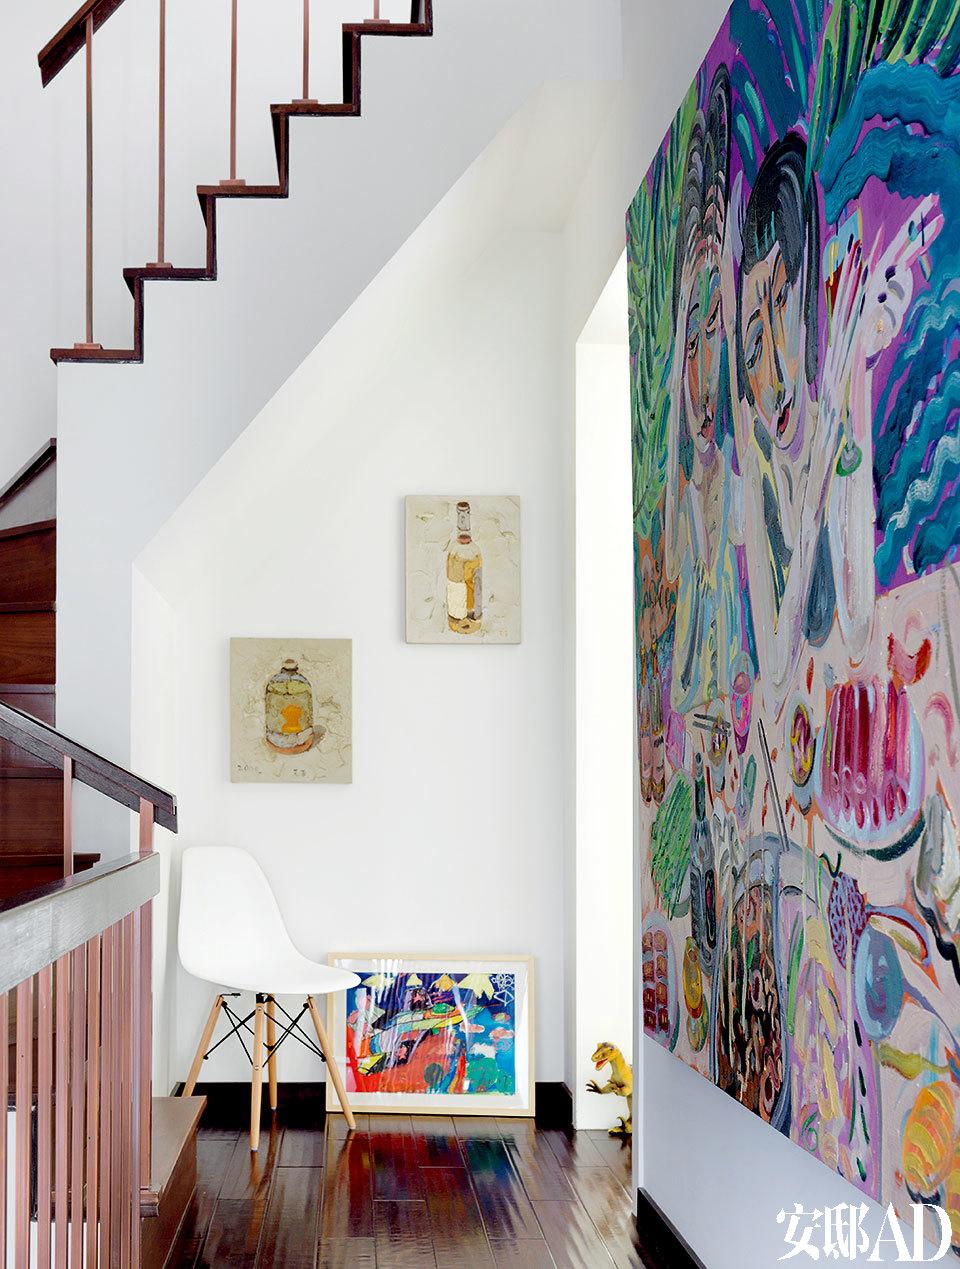 """右手墙面的大画来自艺术家申玲,Andrew于2000年收藏了这幅《幸福》。旁边两幅小的""""瓶子""""来自艺术家王玉平。这两位艺术家刚好是夫妻。"""